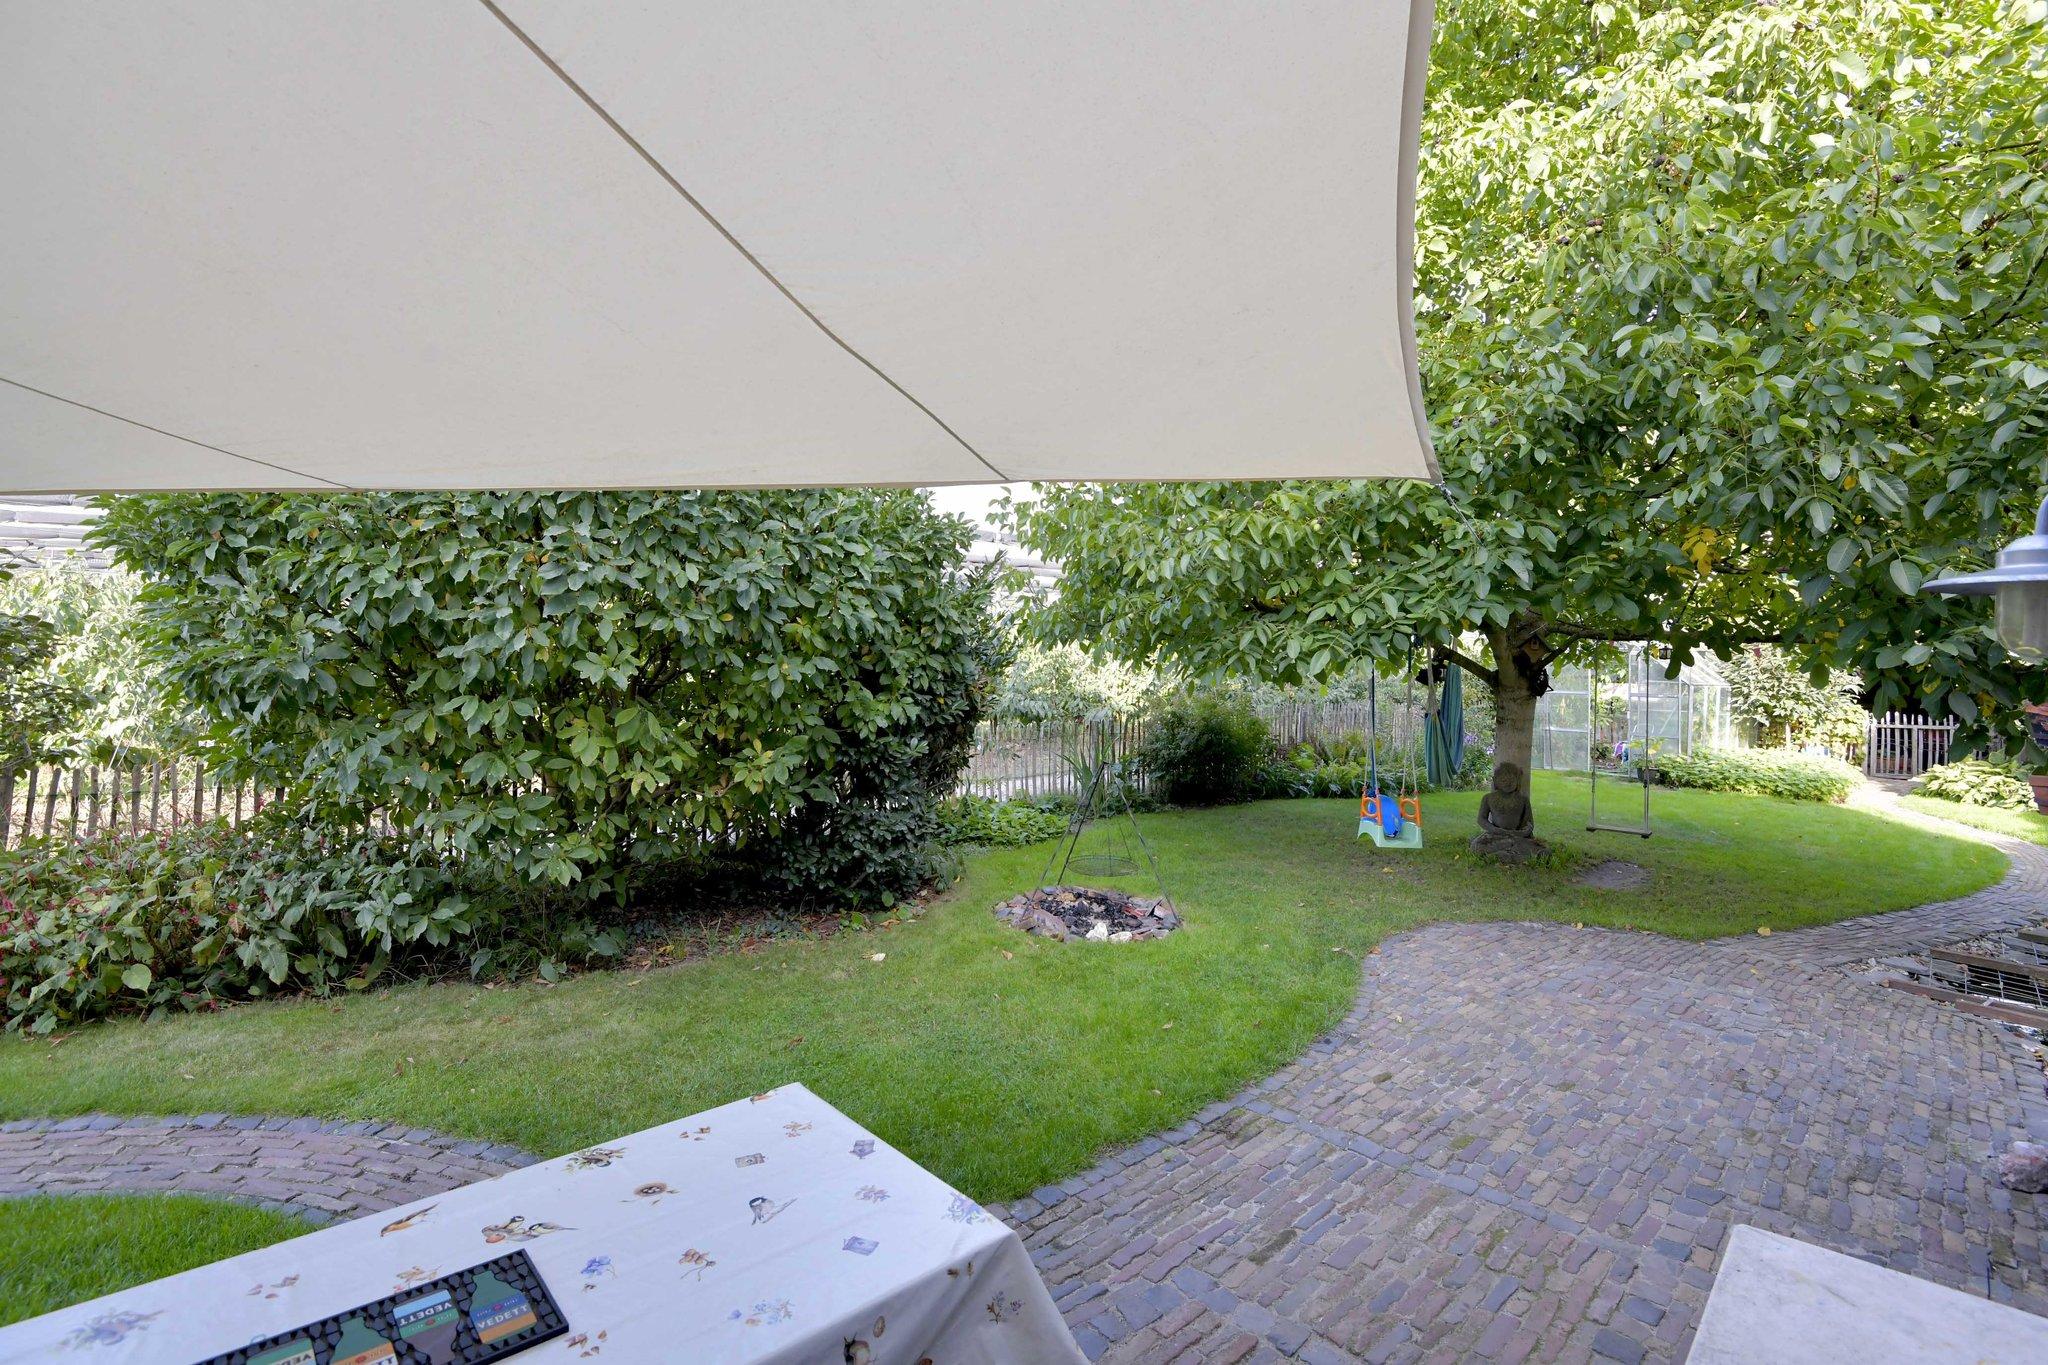 gorssel-gorsselse-enkweg-4154865-foto-38.jpg